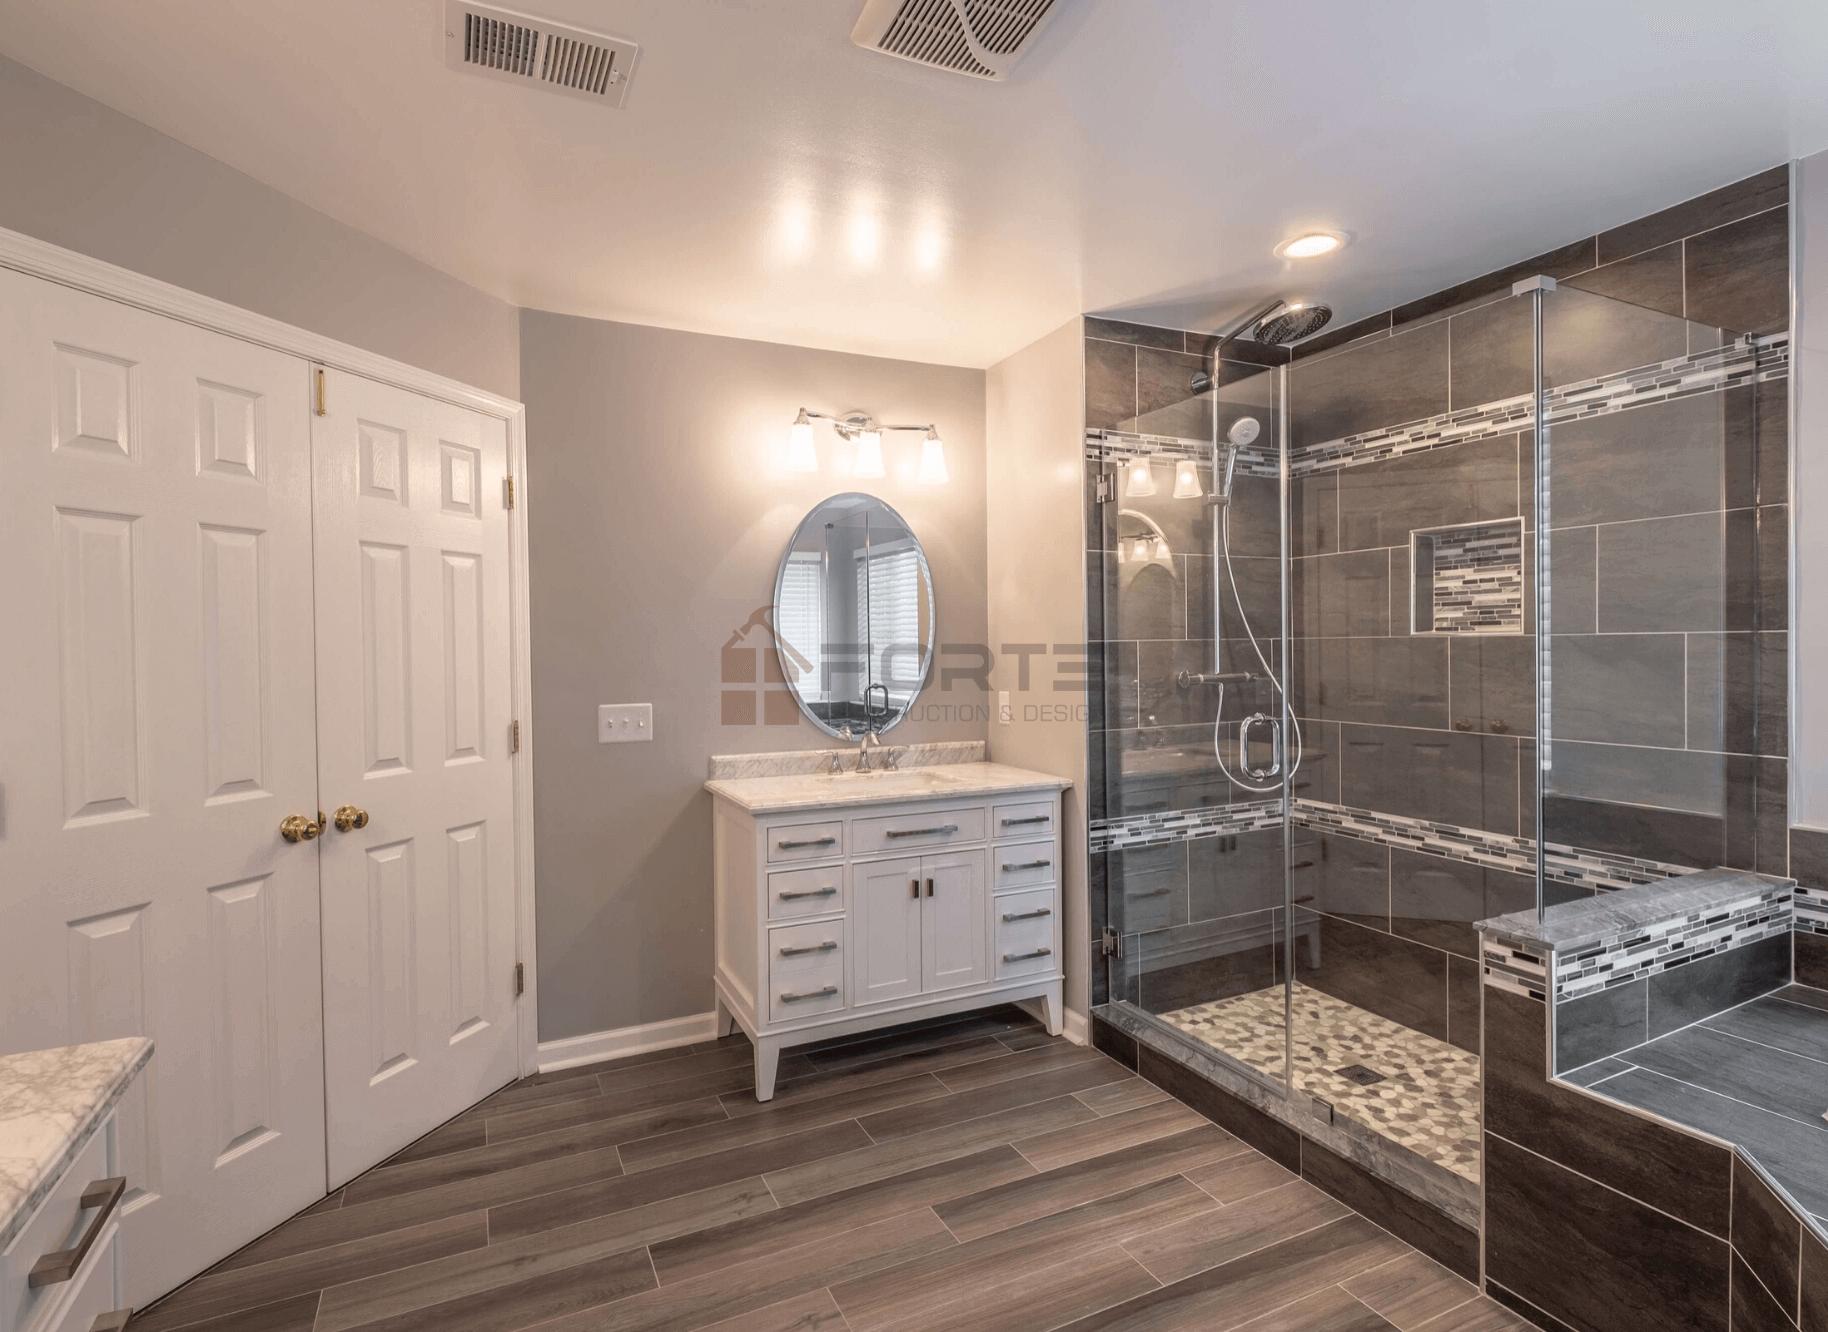 Bathroom Remodeling in Stafford